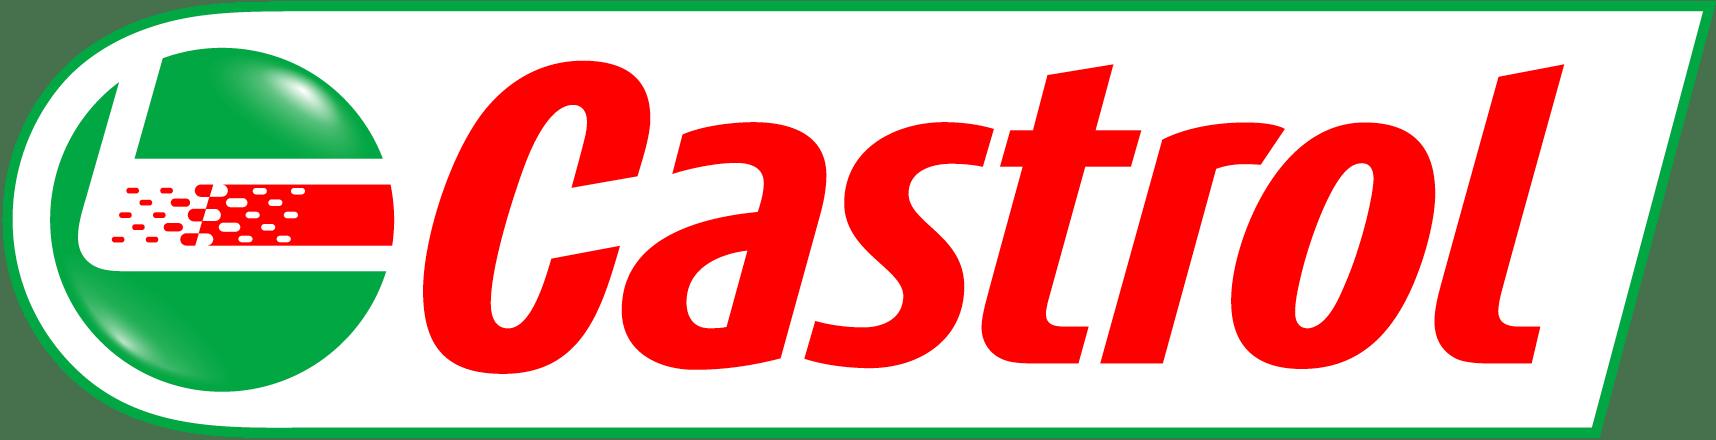 CAS 3D RGB - Rankingi do Promocji Długoterminowej Castrol i Lotos